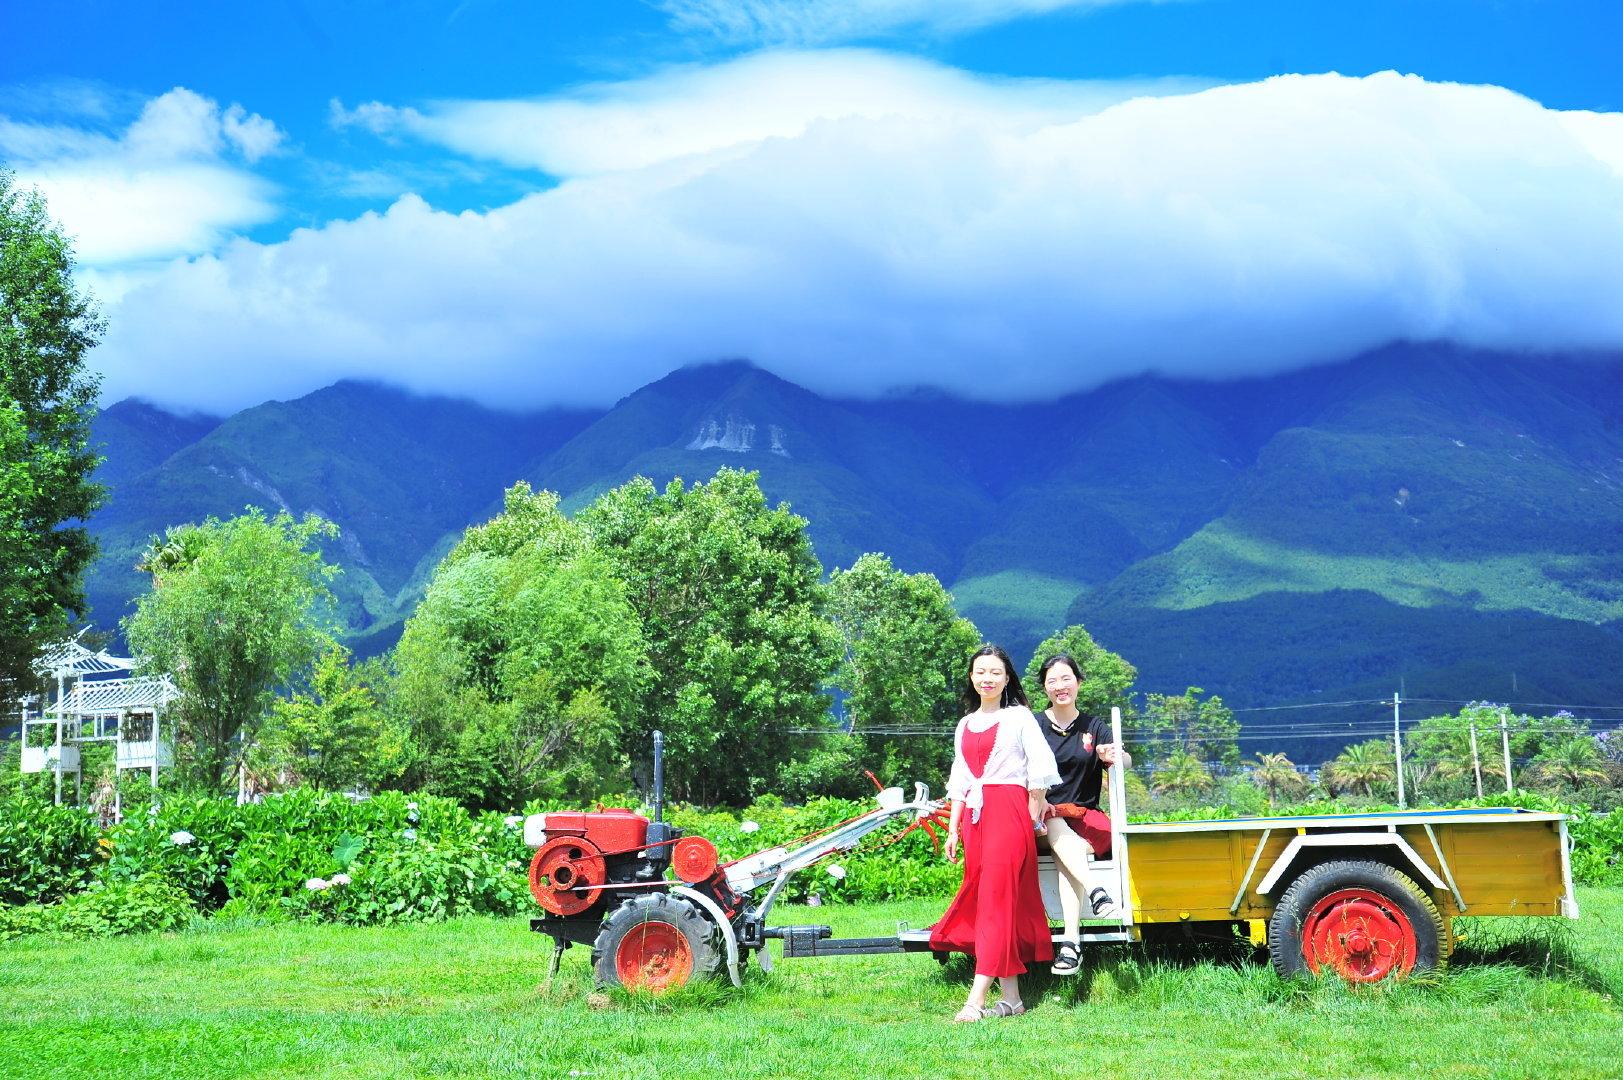 旅途中,邂逅了十月的大理,苍山与洱海,⻛景与美人画面感与故事感